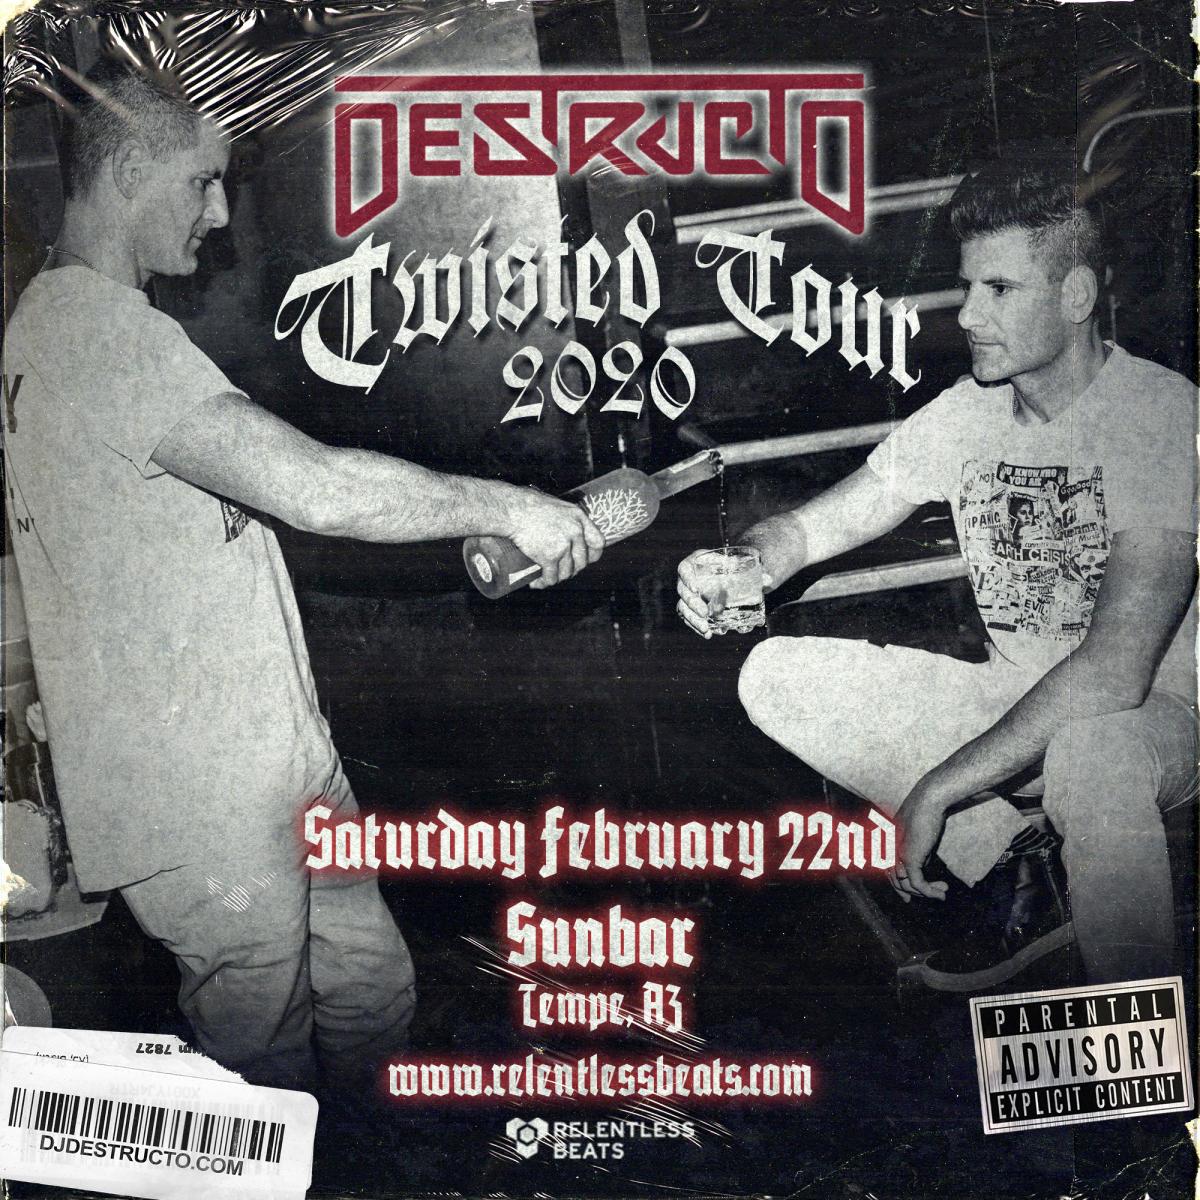 Flyer for Destructo